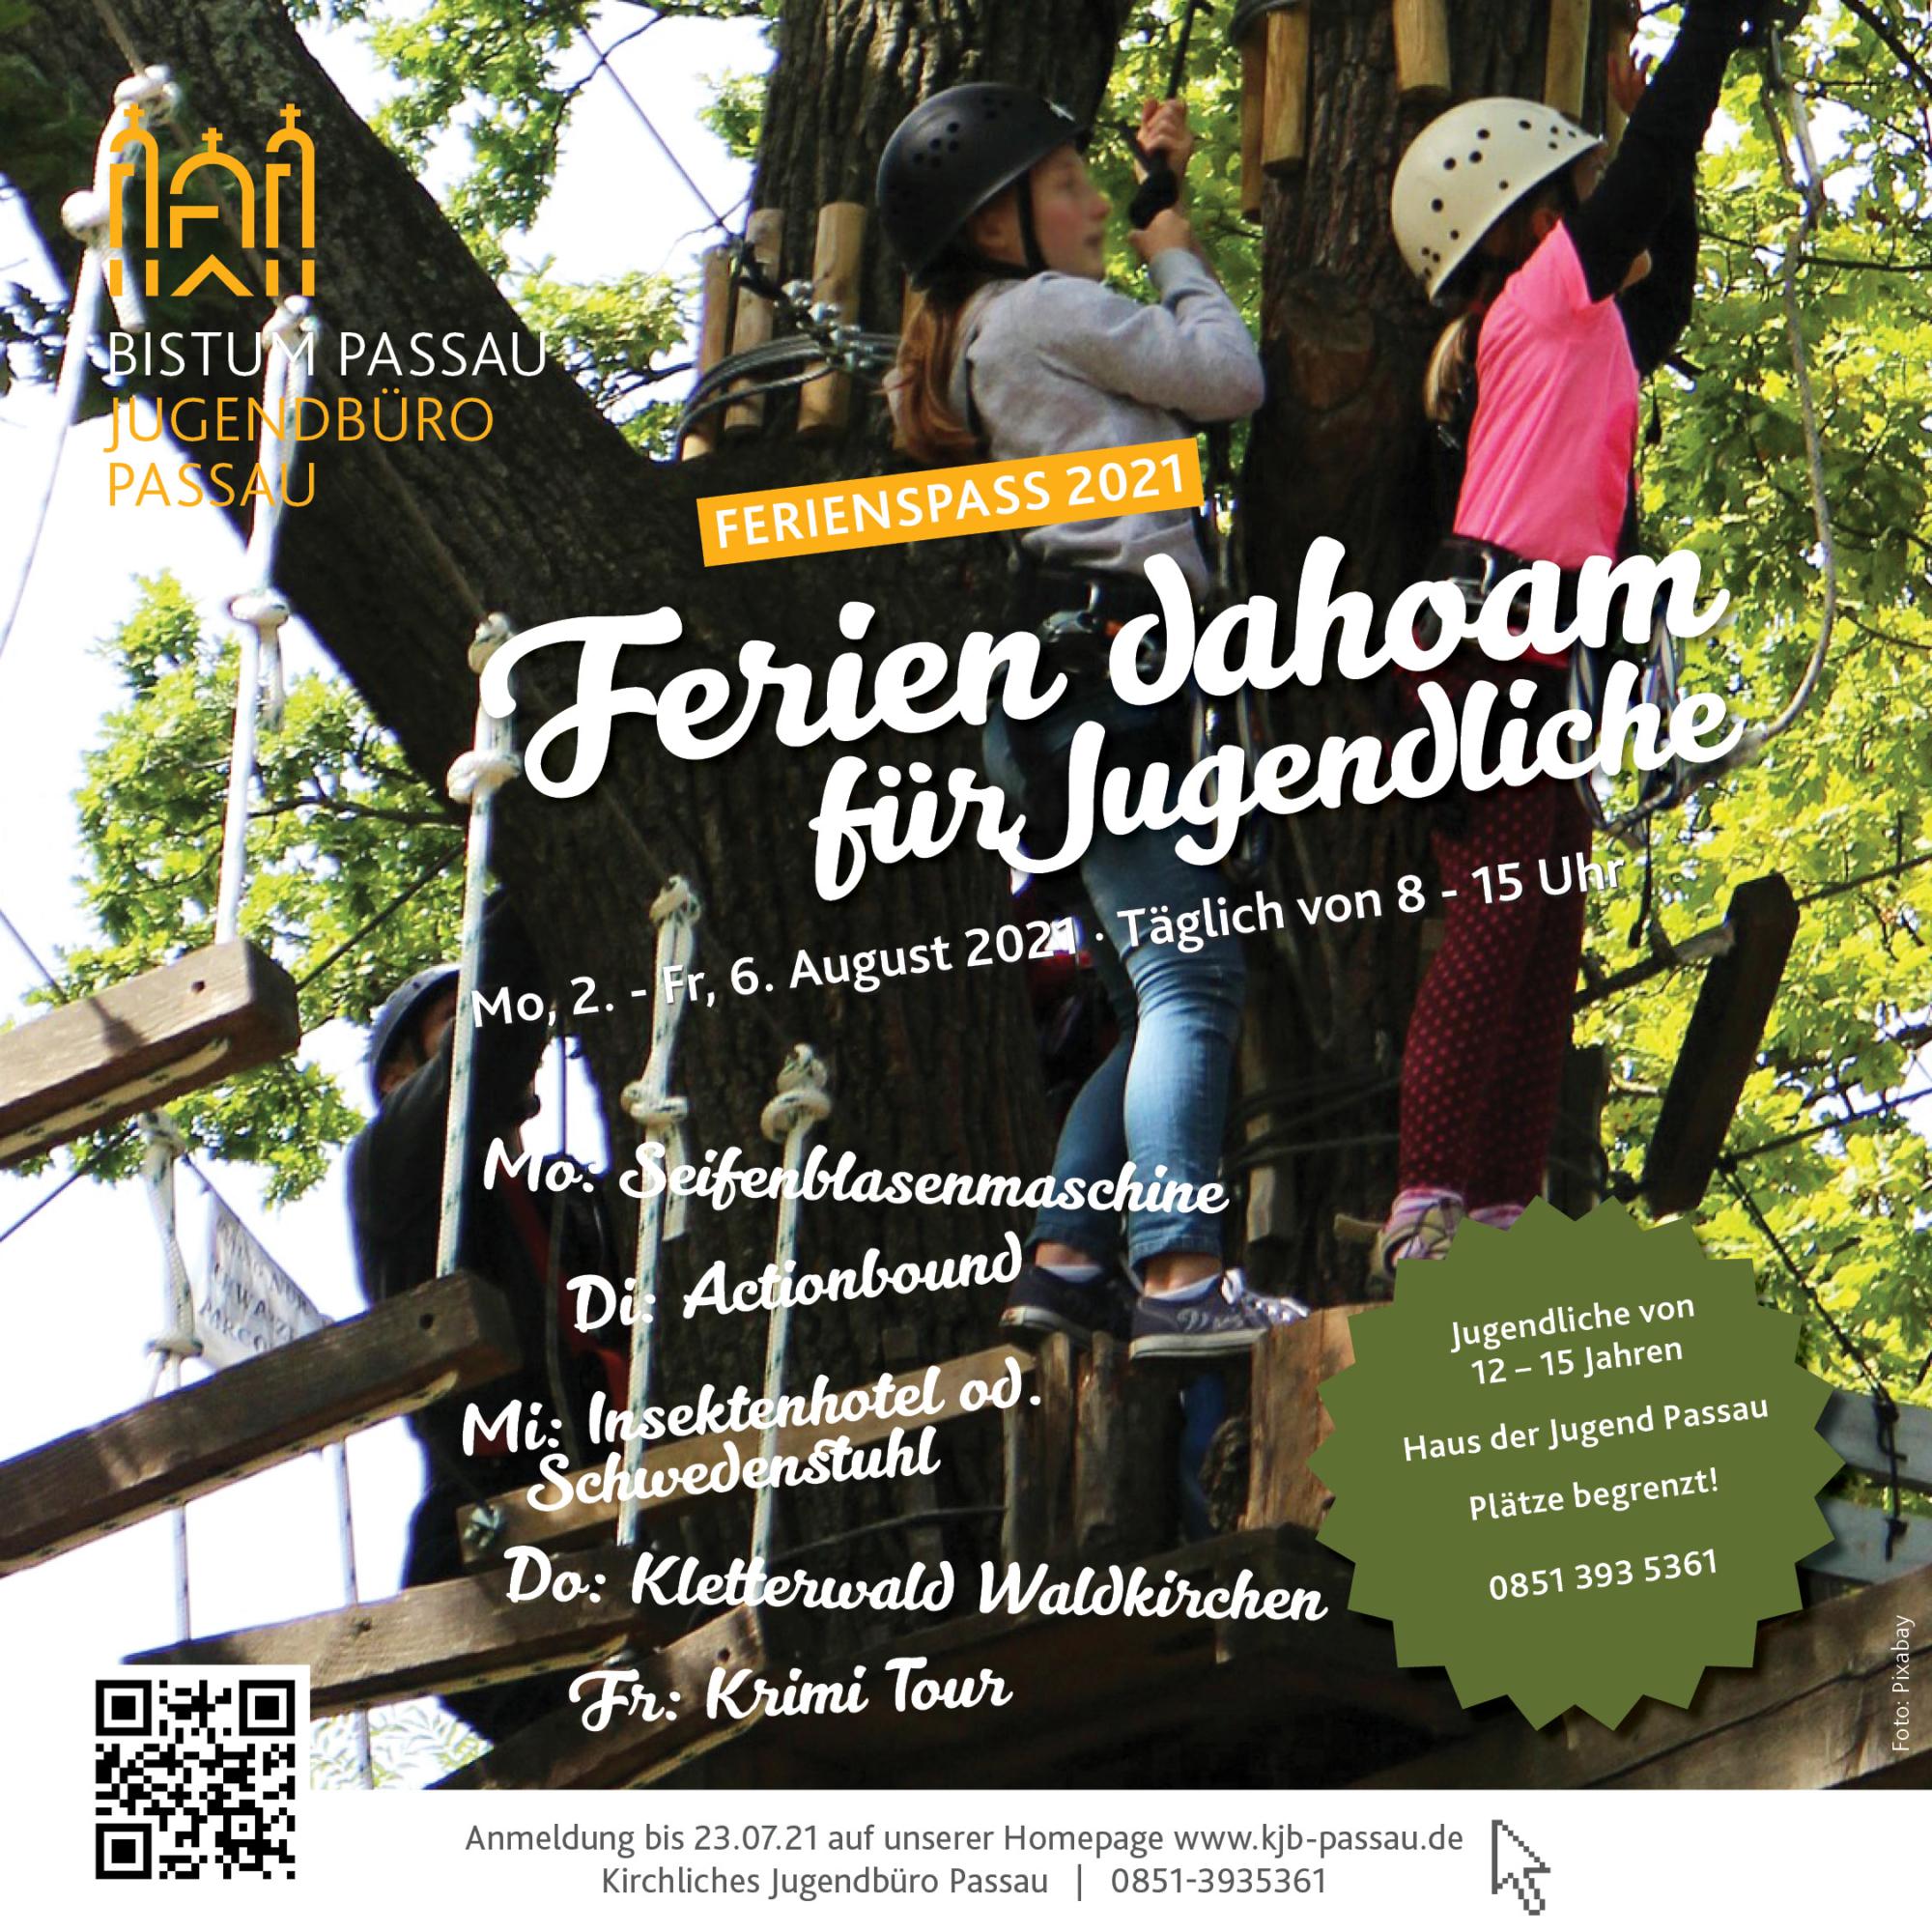 Kjbpa Ferienspass Jugend web 210628